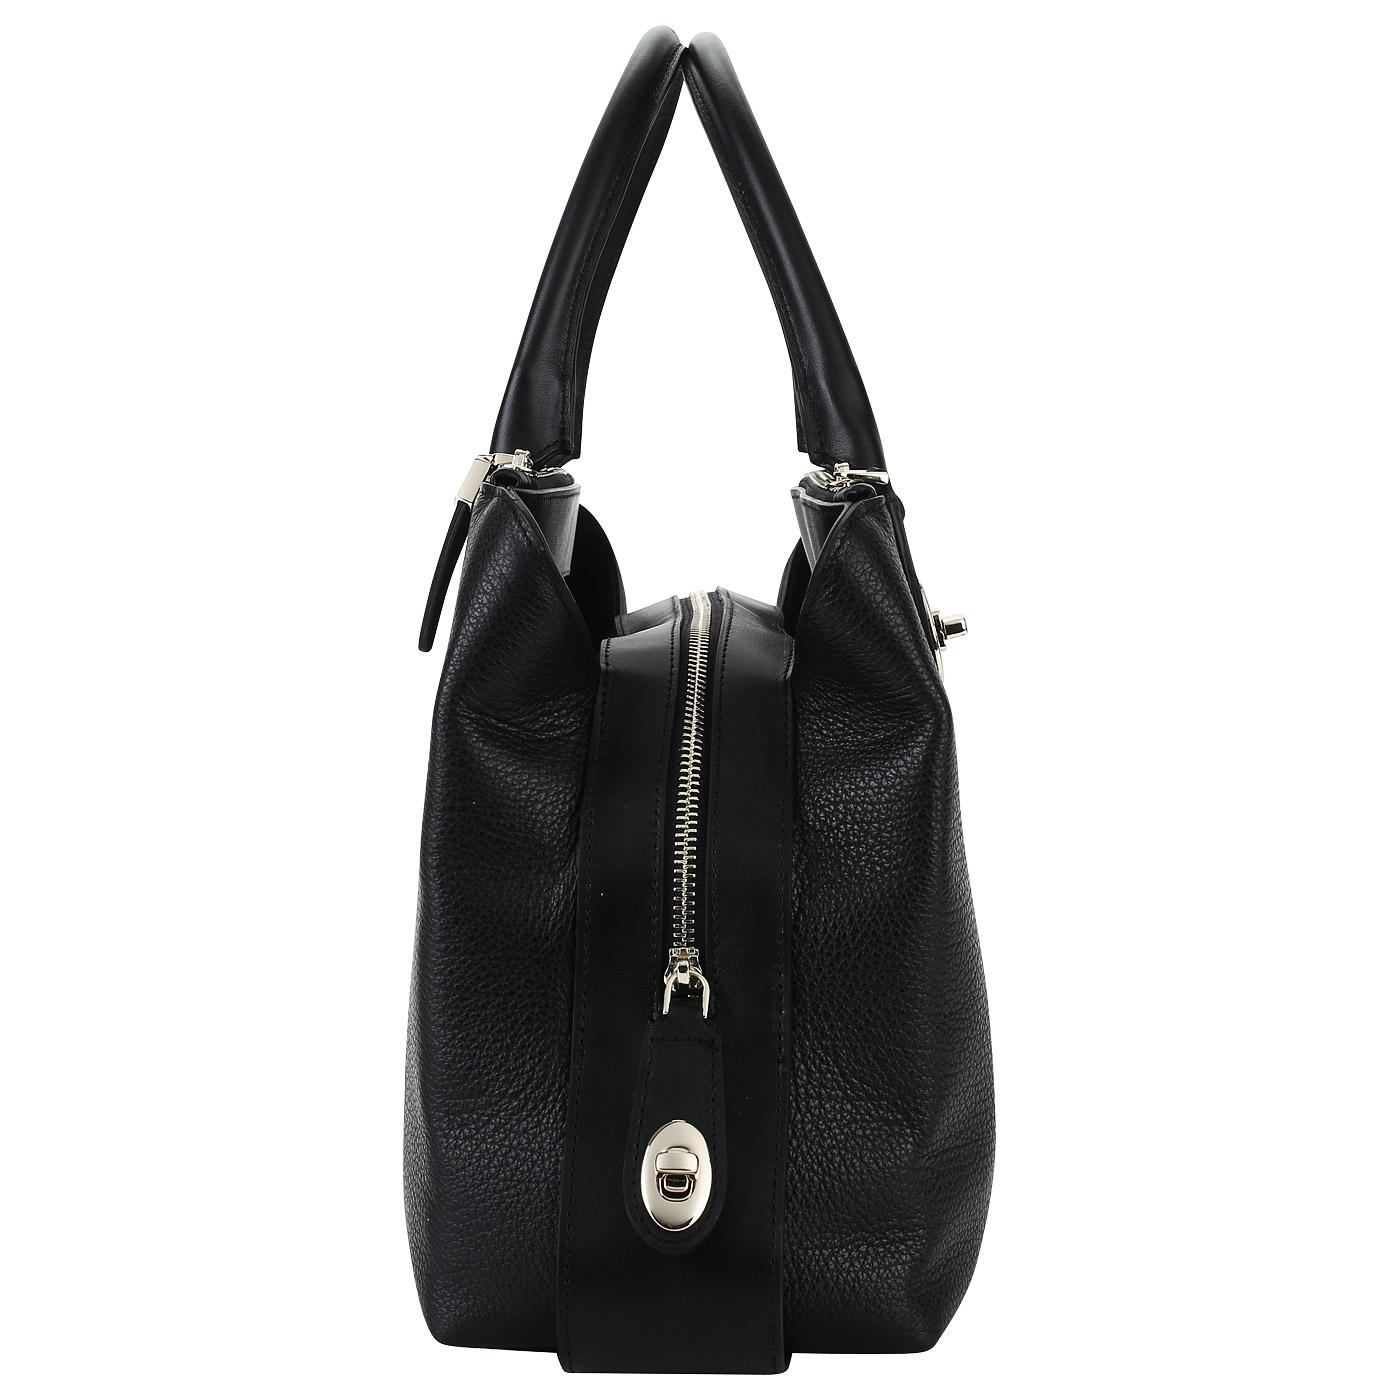 8b4937955808 Woman bags aurelli – Aurelli